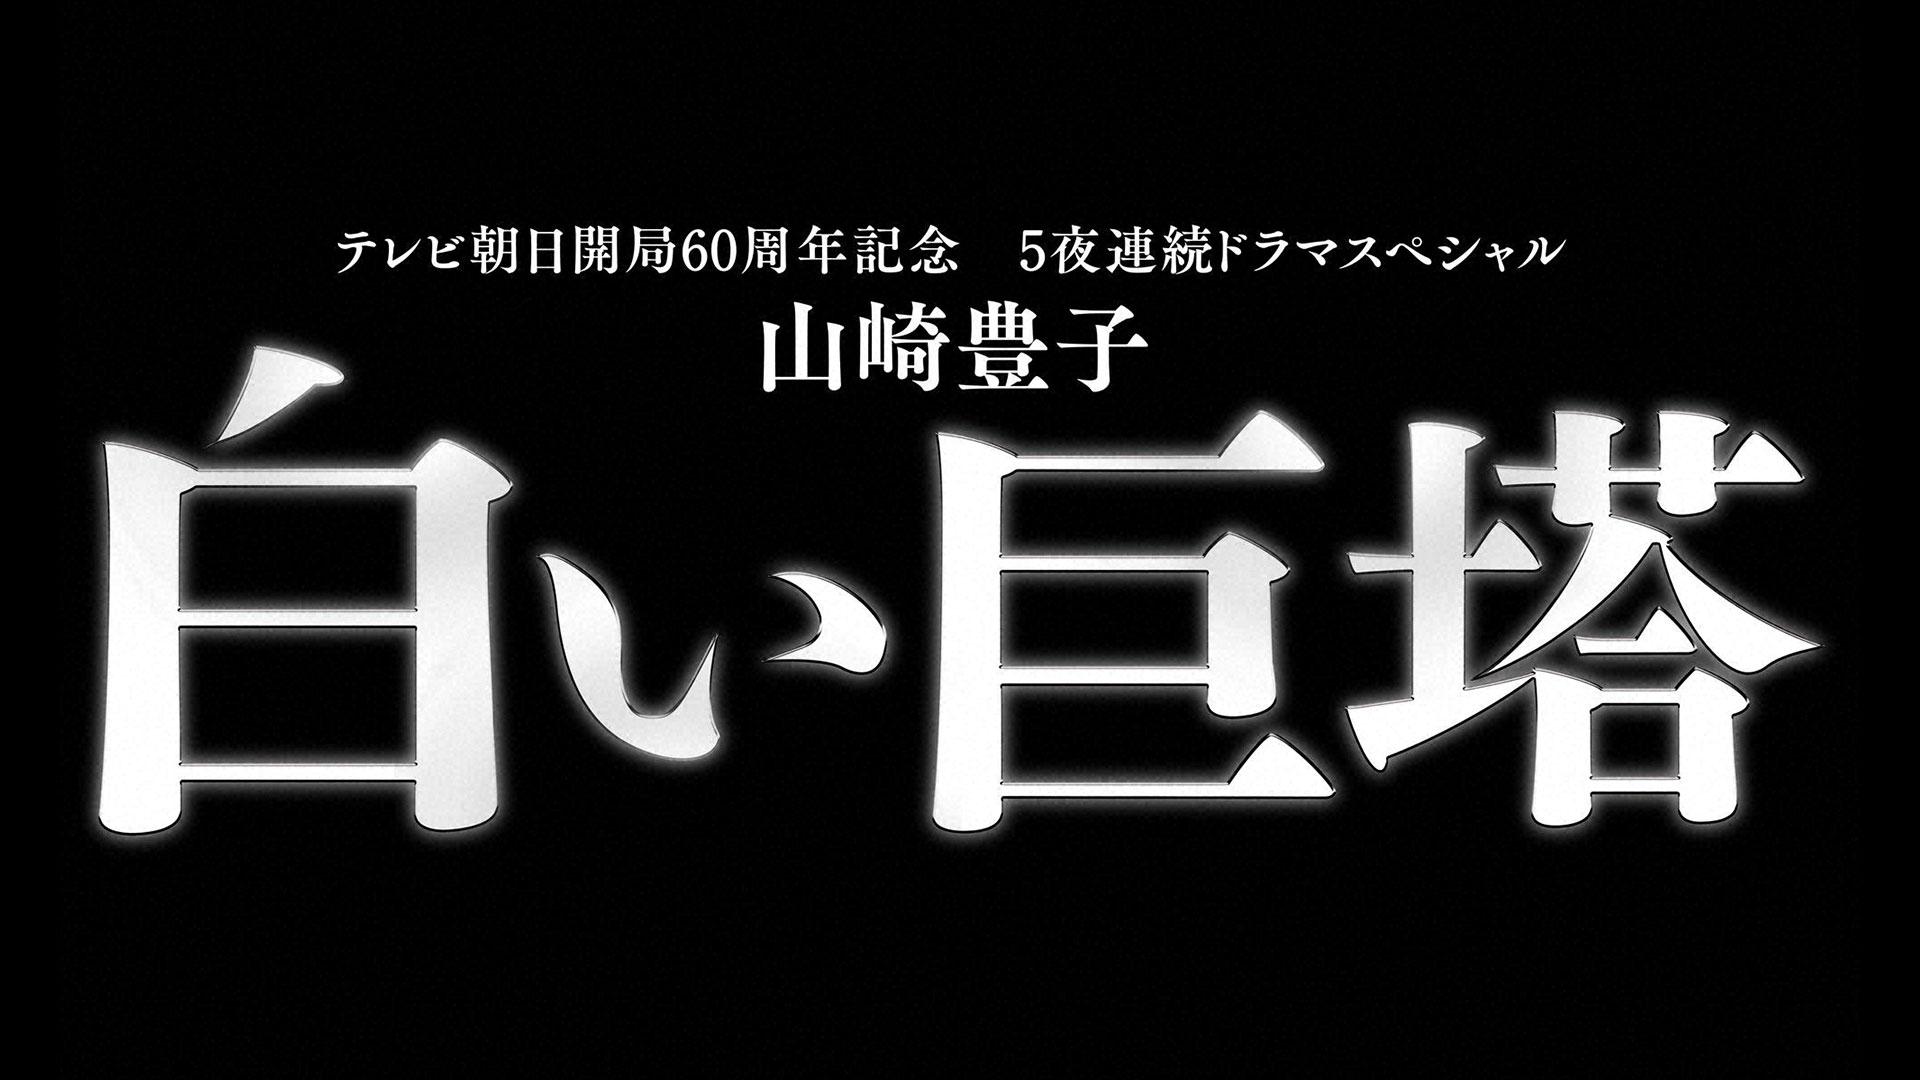 5夜連続ドラマスペシャル 山崎豊子『白い巨塔』|テレビ朝日